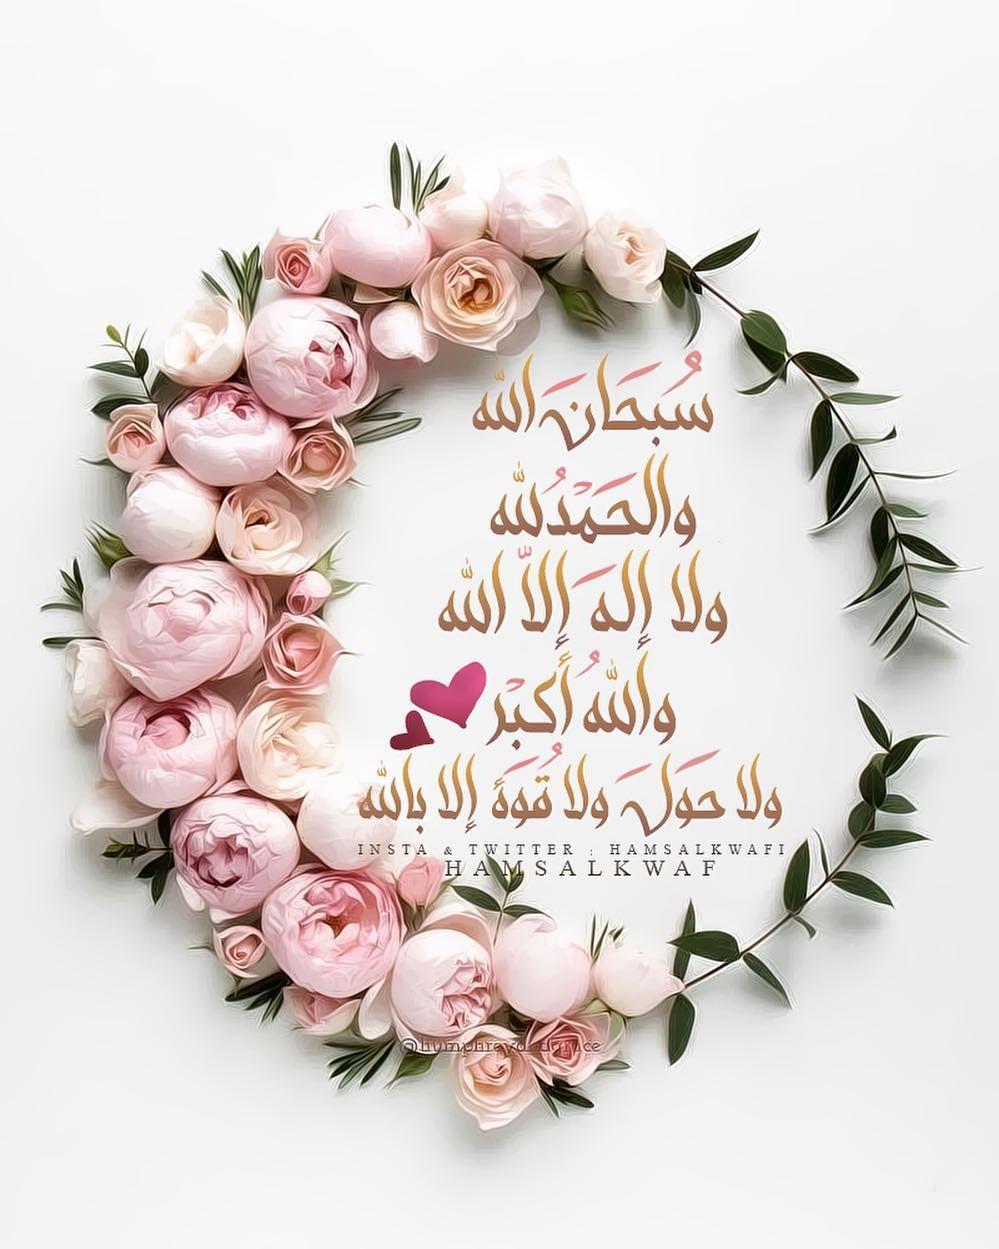 سبحان الله والحمدلله ولا إله إلا الله والله أكبر Islamic Images Kaligrafi Islam Islamic Pictures